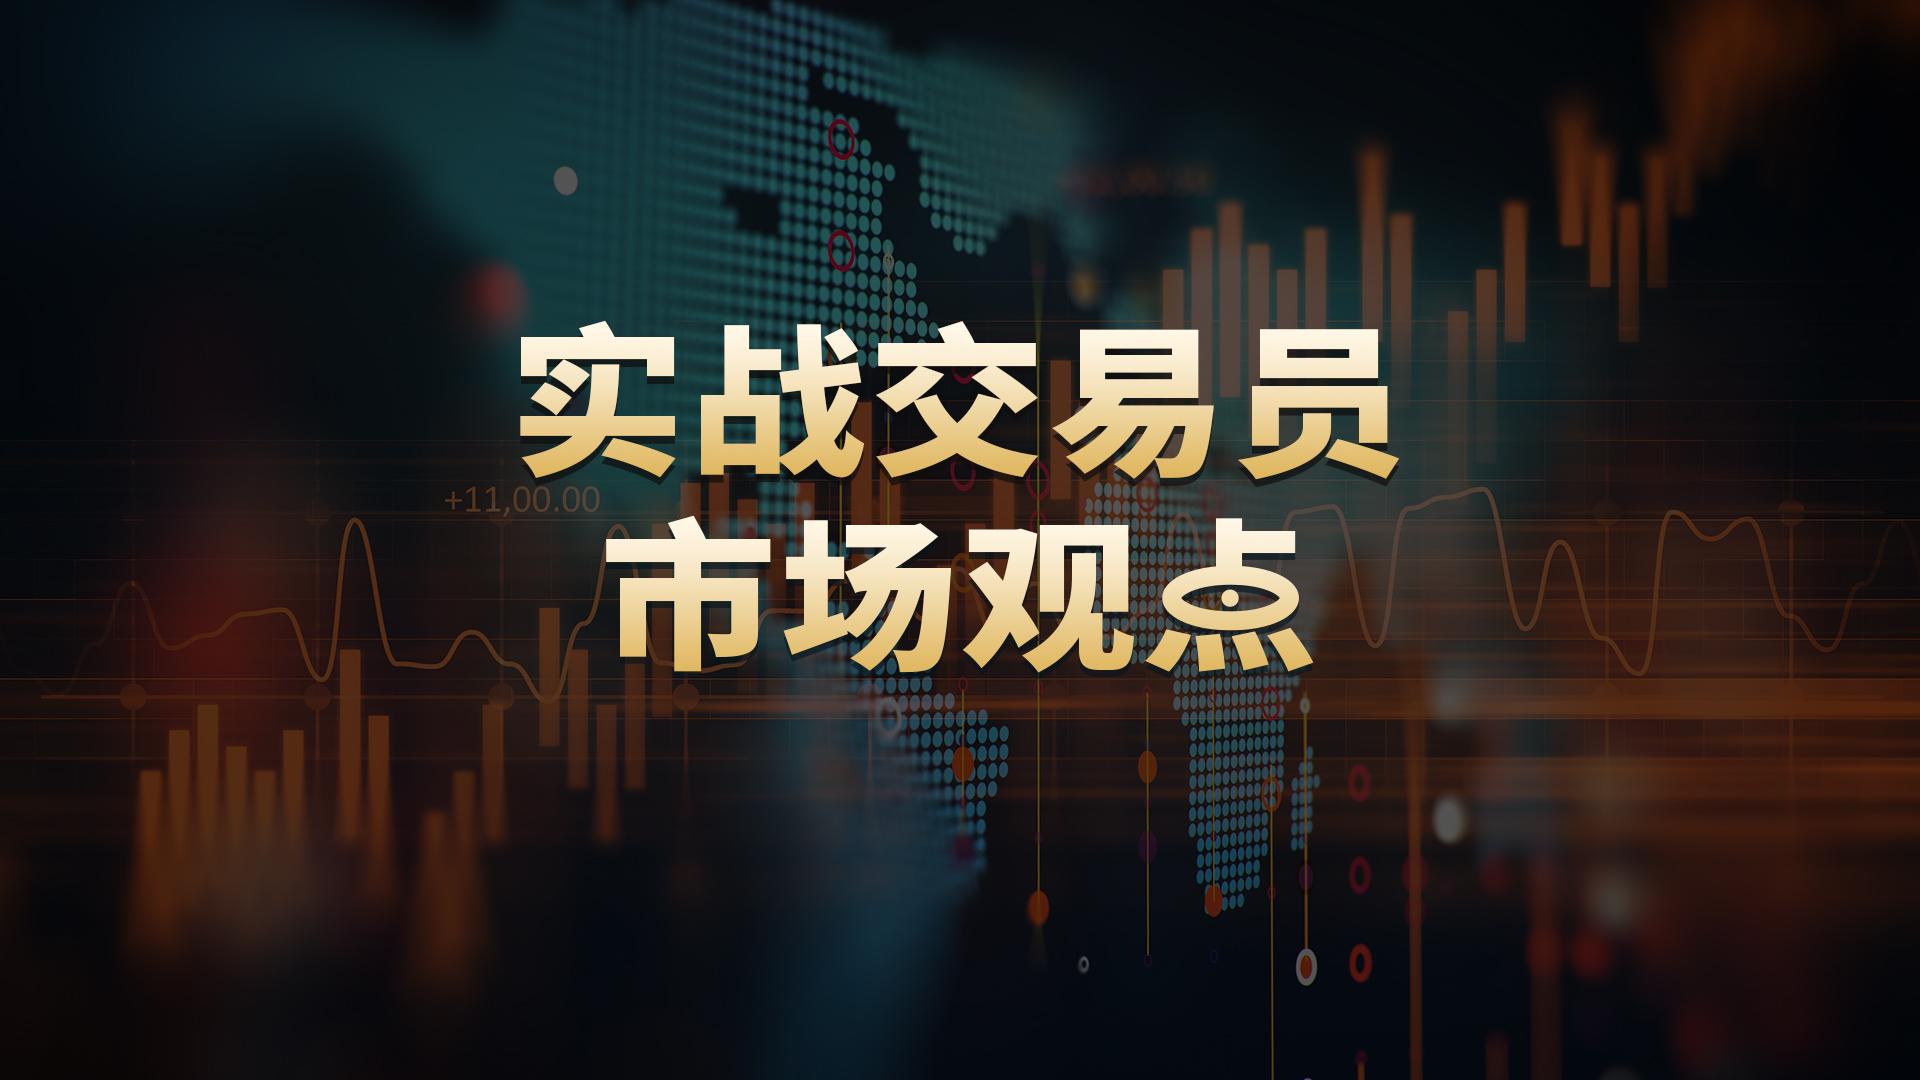 实战交易员市场观点-4月12日(镑系)